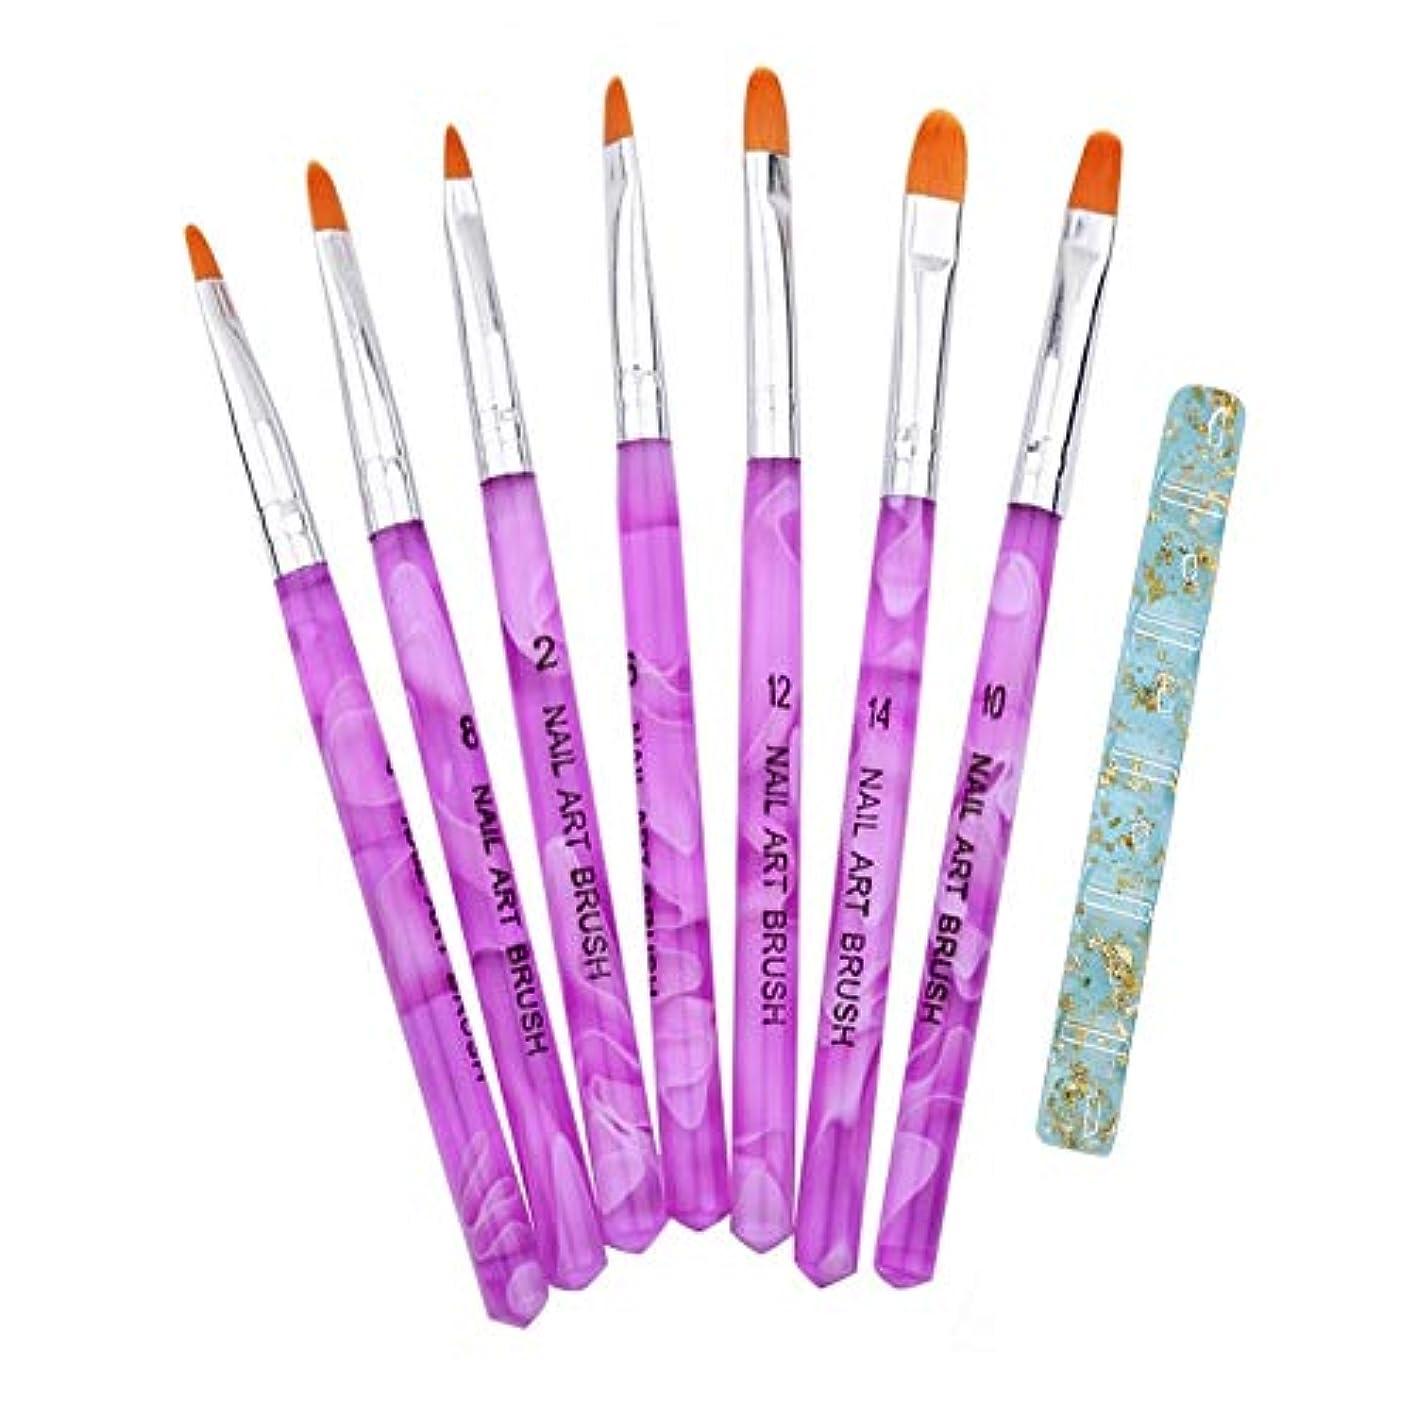 定数プレビュー転送ジェル ネイル ブラシ UV 用 平筆 ブラシ 7本 セット 爪 アート プロ仕様 (7本セット)